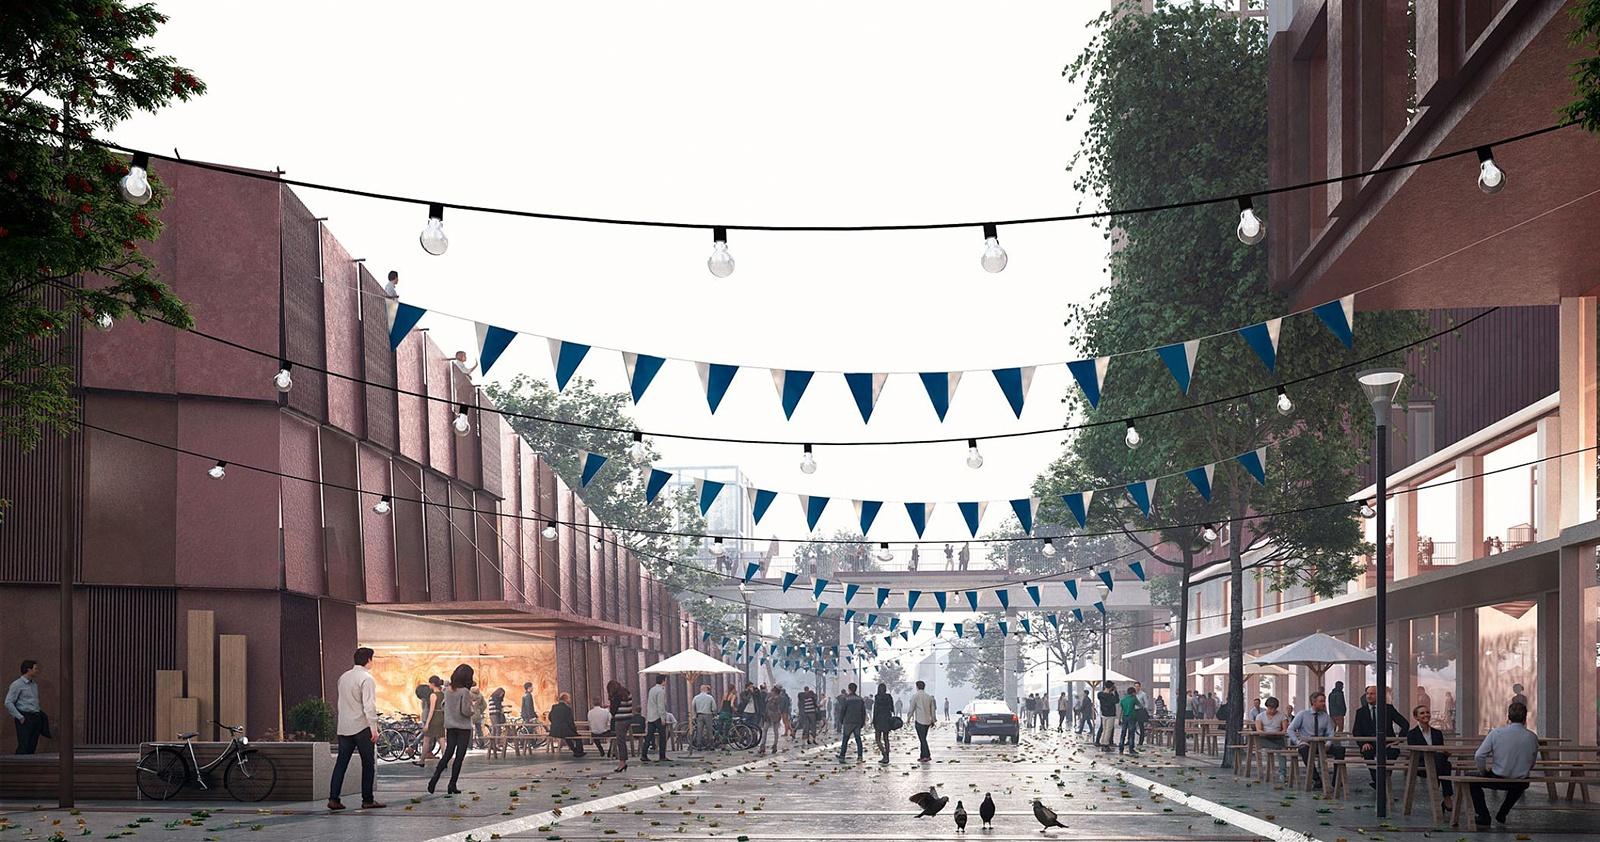 C-F-Moeller-Architects-og-Nordland-Arkitekter-og-vinder-opgaven-om-nyt-parkerings-og-aktivitetshus-i-img-10619-w2100-h1105